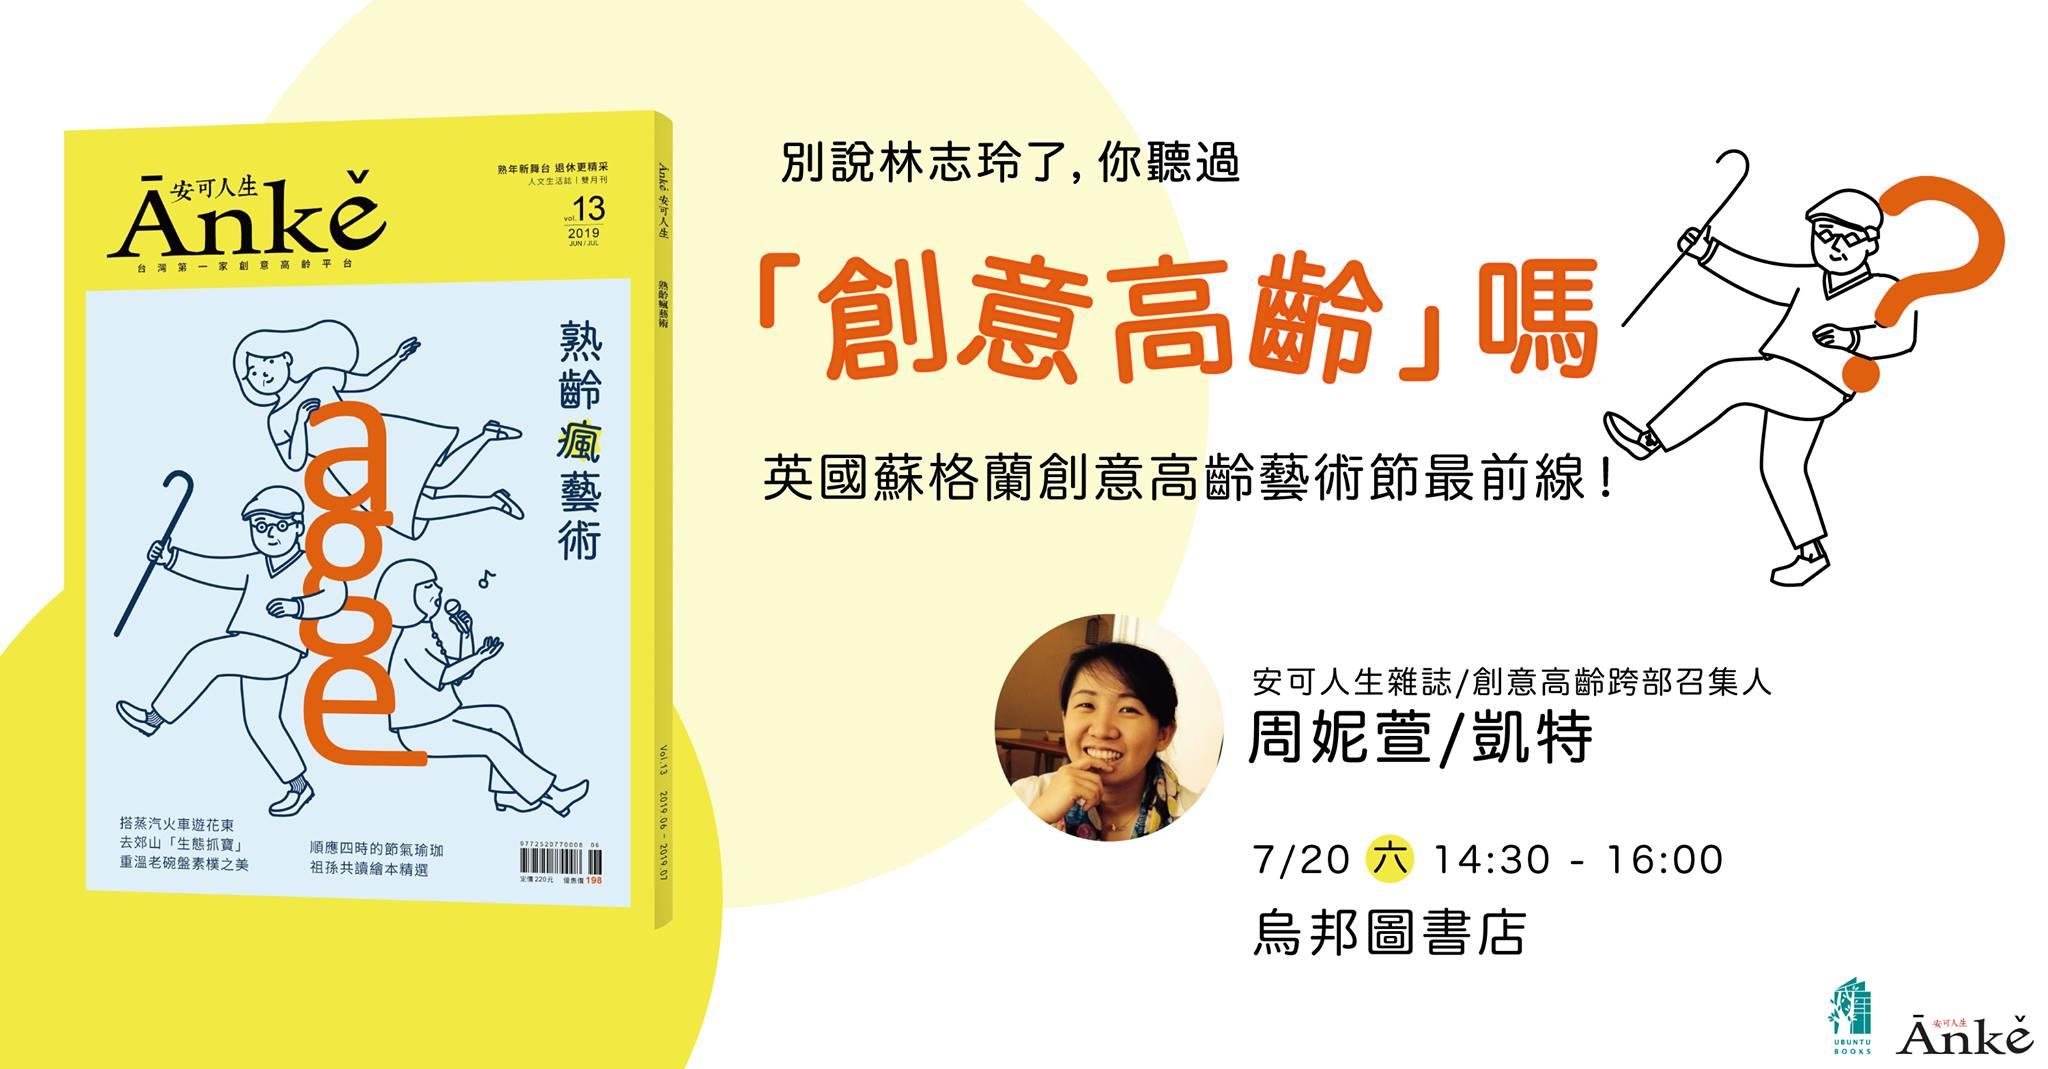 安可人生 X 台南烏邦圖書店|別說林志玲了,你聽過「創意高齡」嗎?